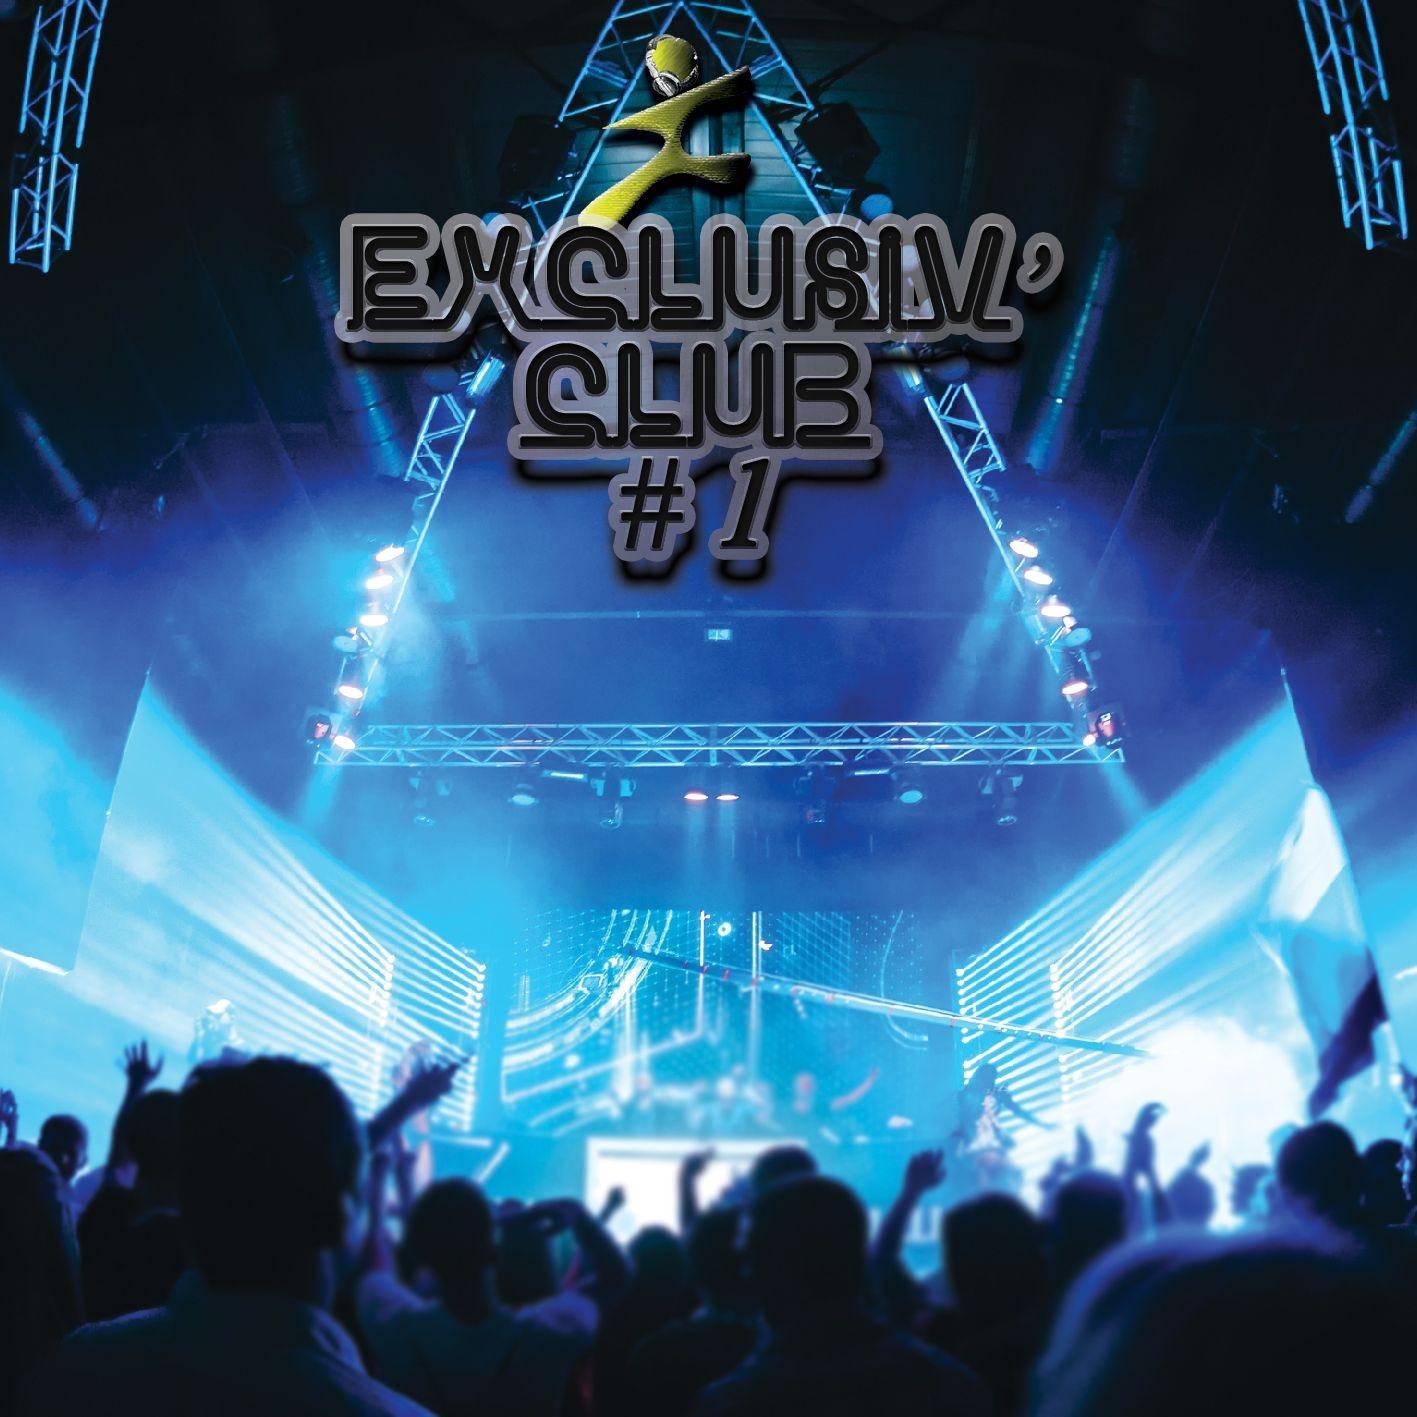 Exclusiv' Club # 1 – Téléchargement – Step